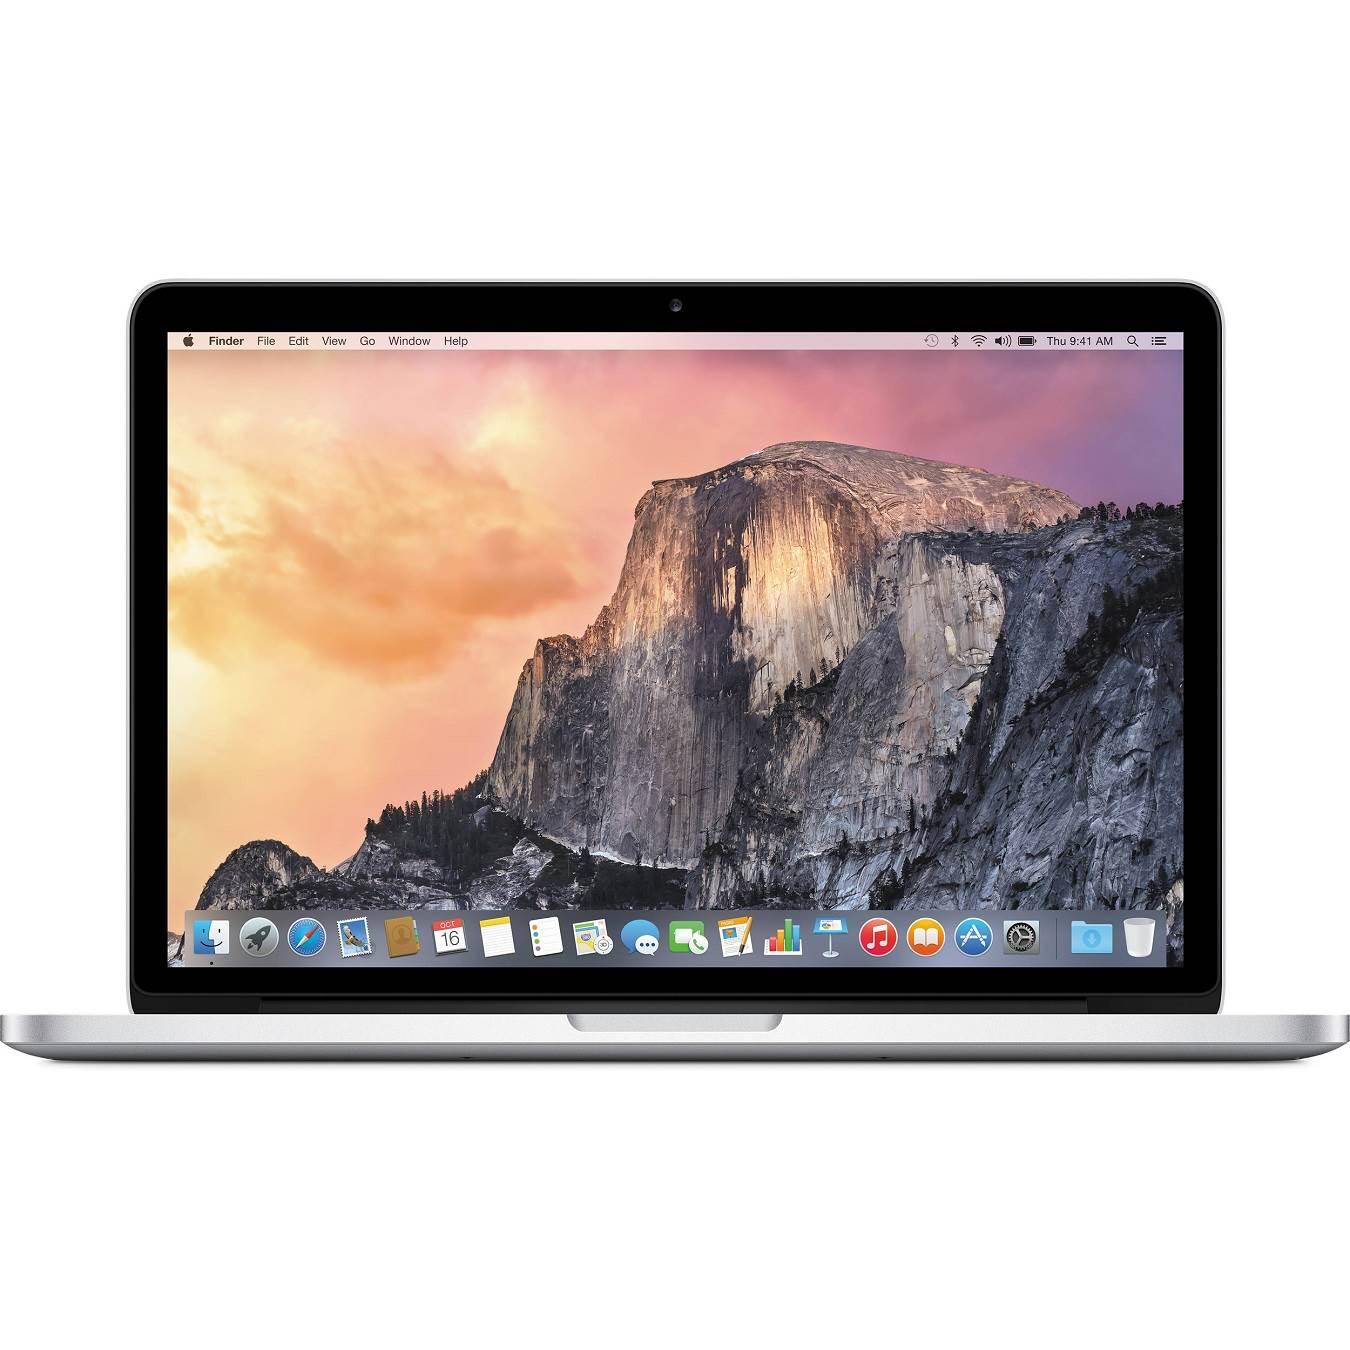 اپل / لپ تاپ استوک اپل مک بوک پرو مدل Apple MacBook Pro Late 2015 - 13 inch